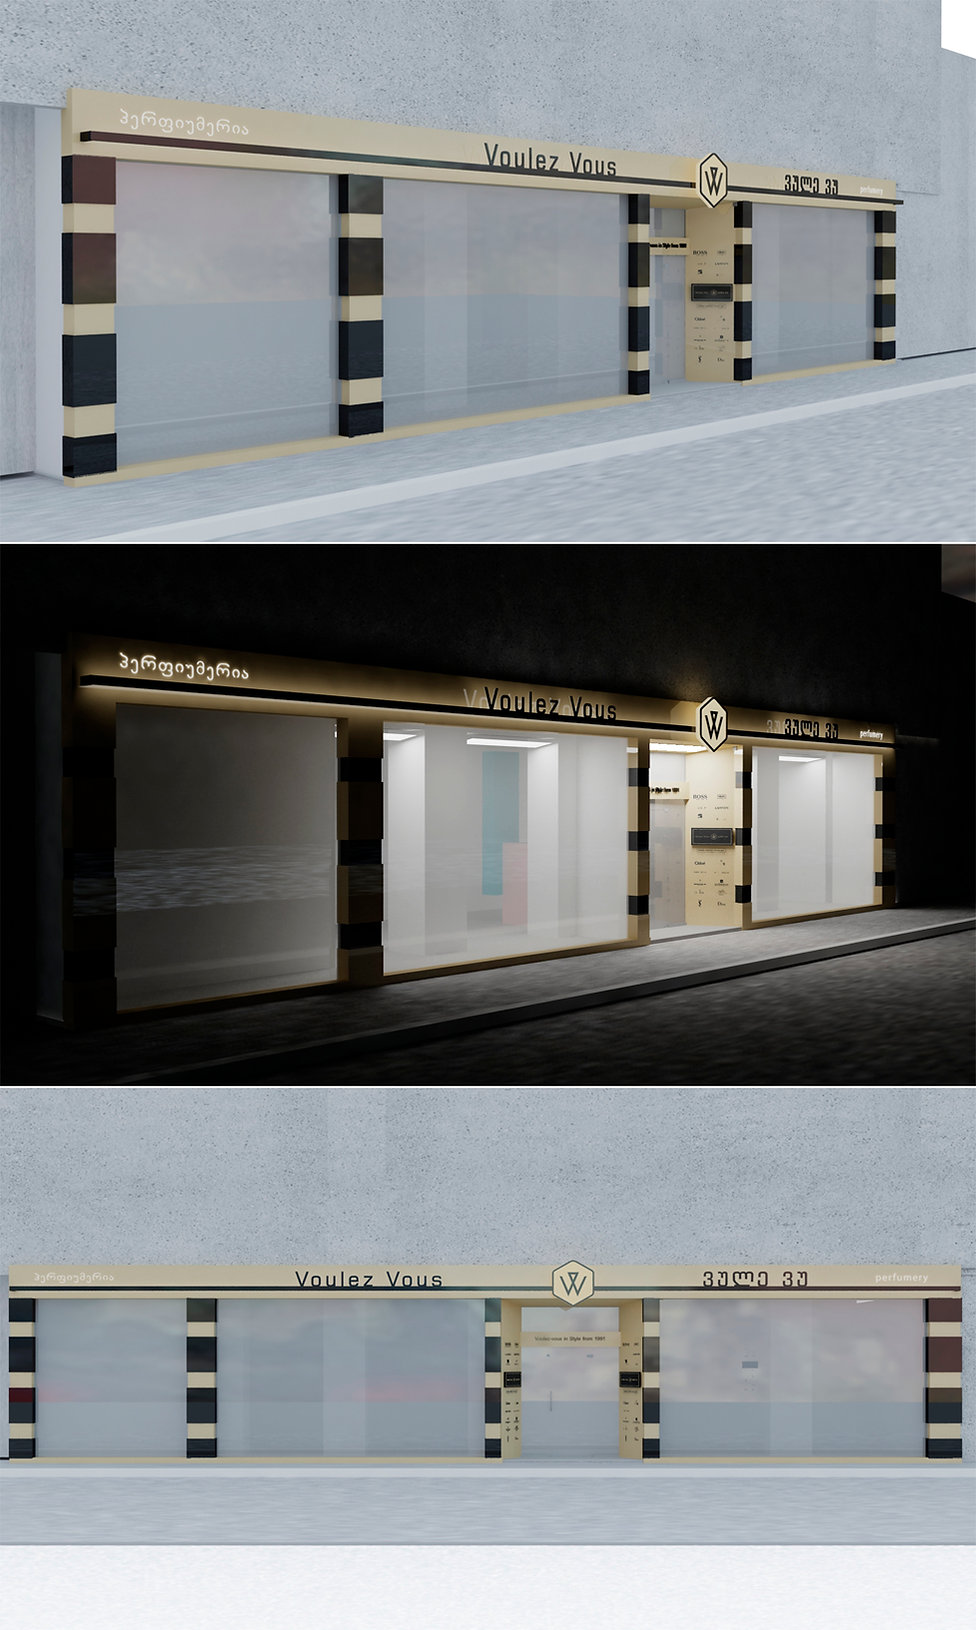 მაღაზიის ფასადის დიზაინის შექმნა